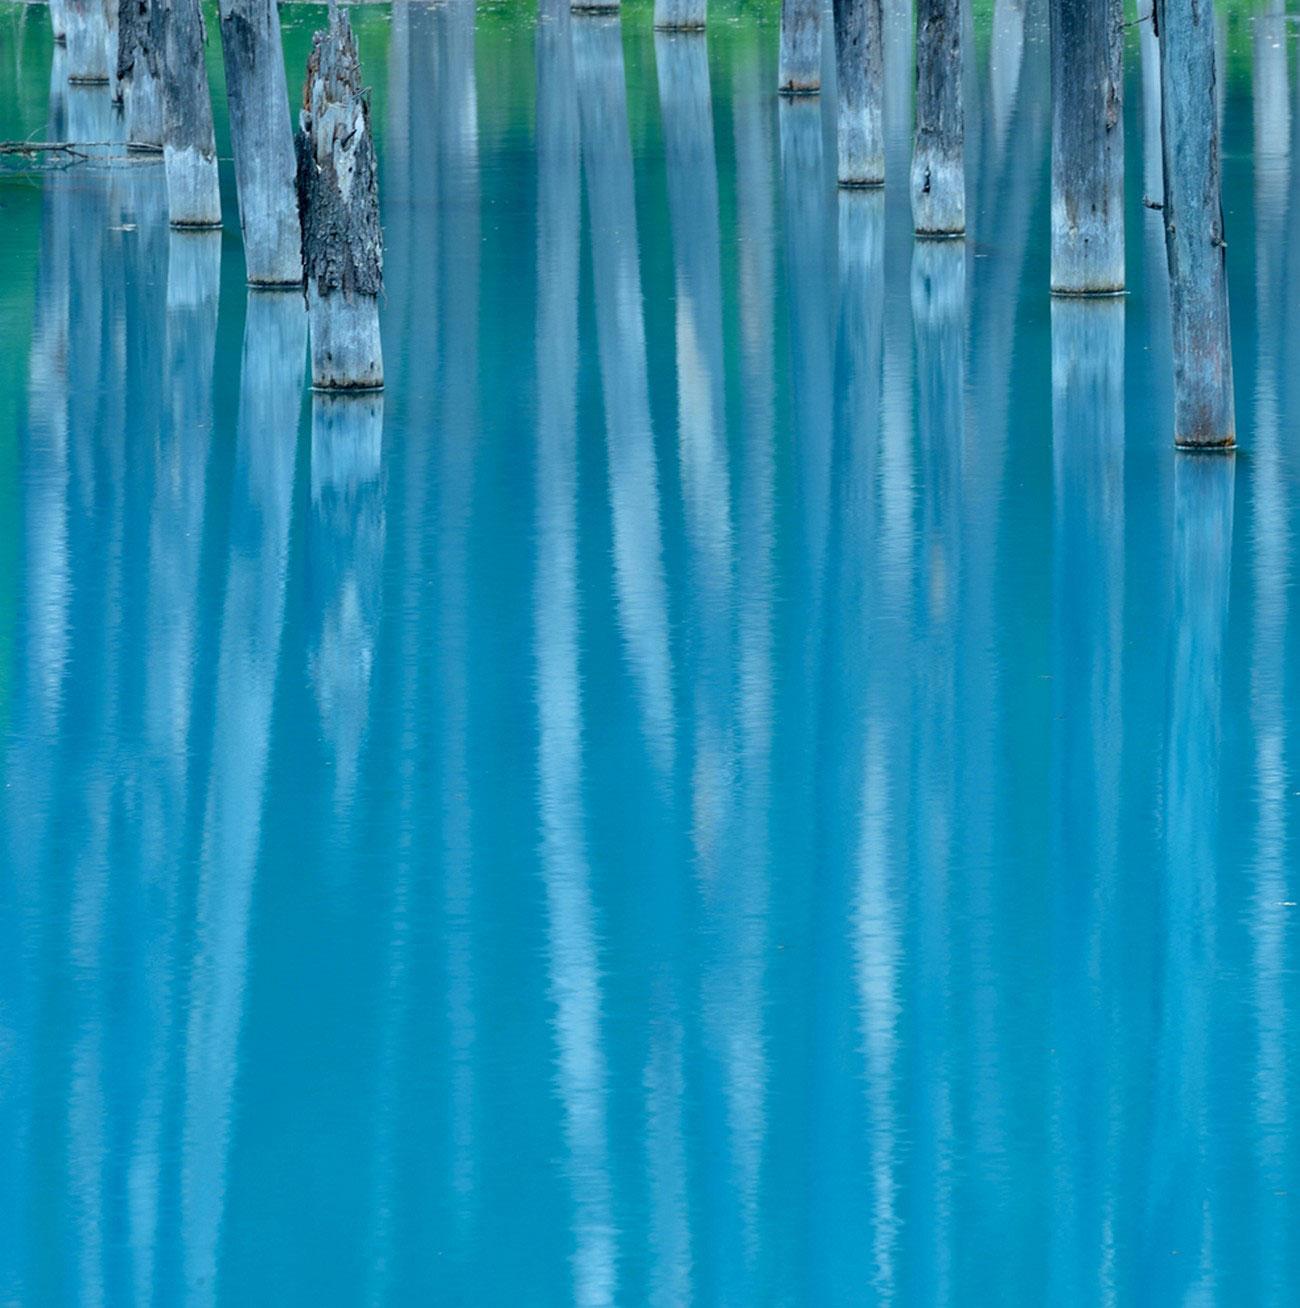 Деревья стоят в синем пруду, фото